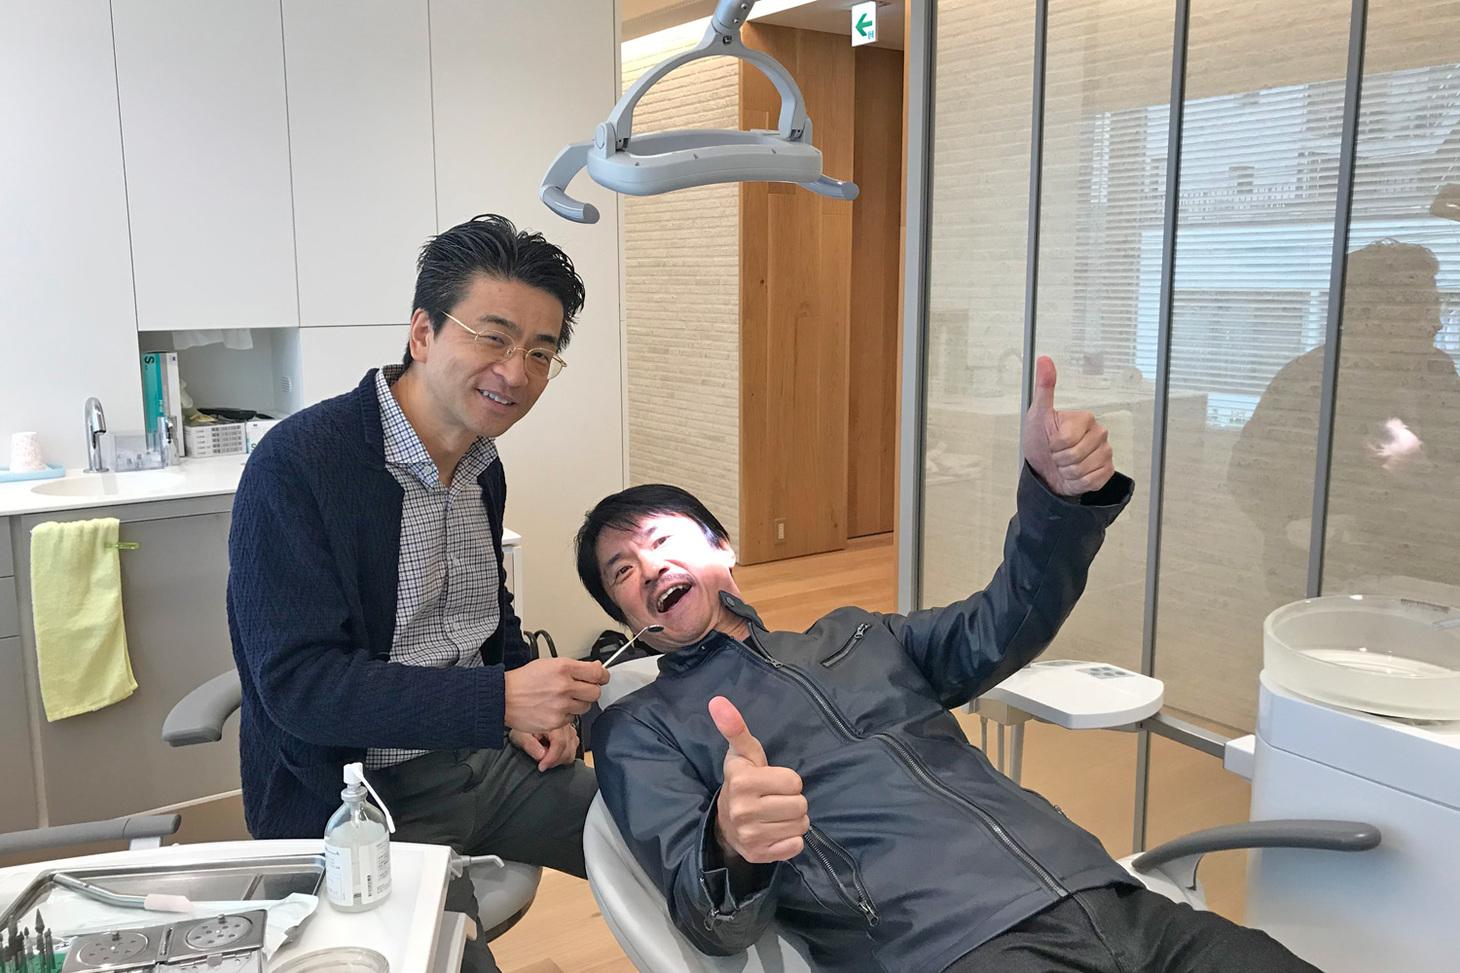 「きぬた歯科」広告費はフェラーリ3台分